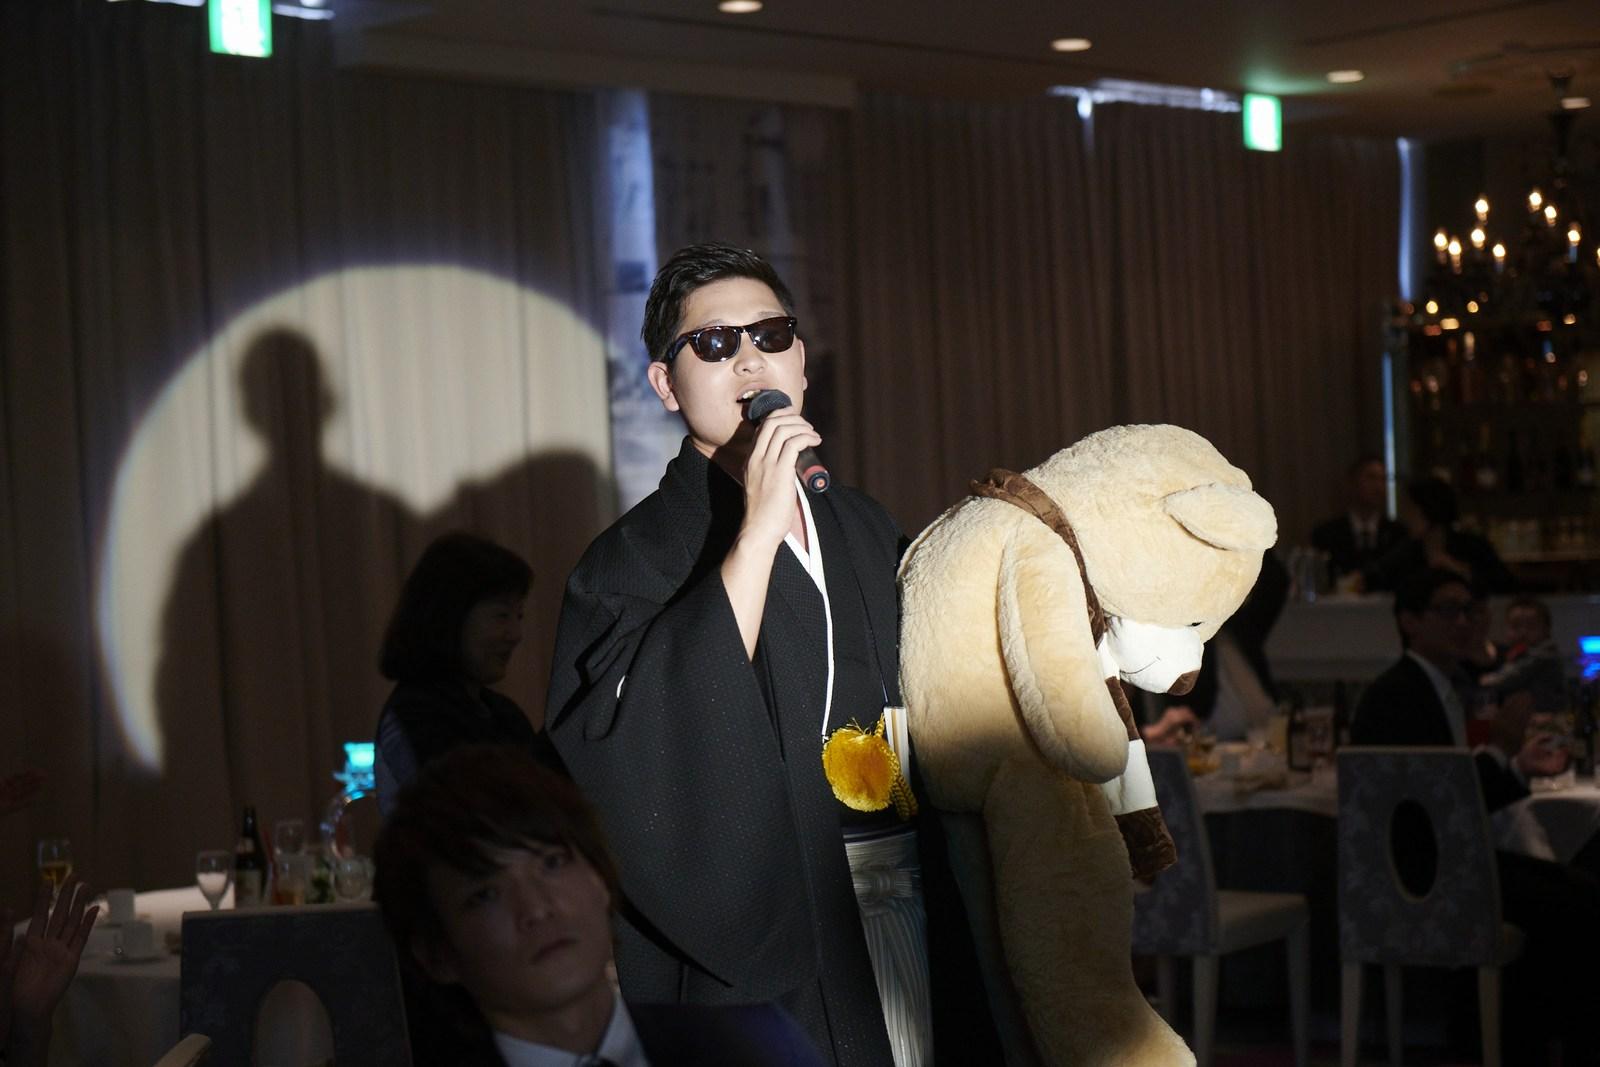 徳島市の結婚式場ブランアンジュで新婦様へのサプライズをしている新郎様